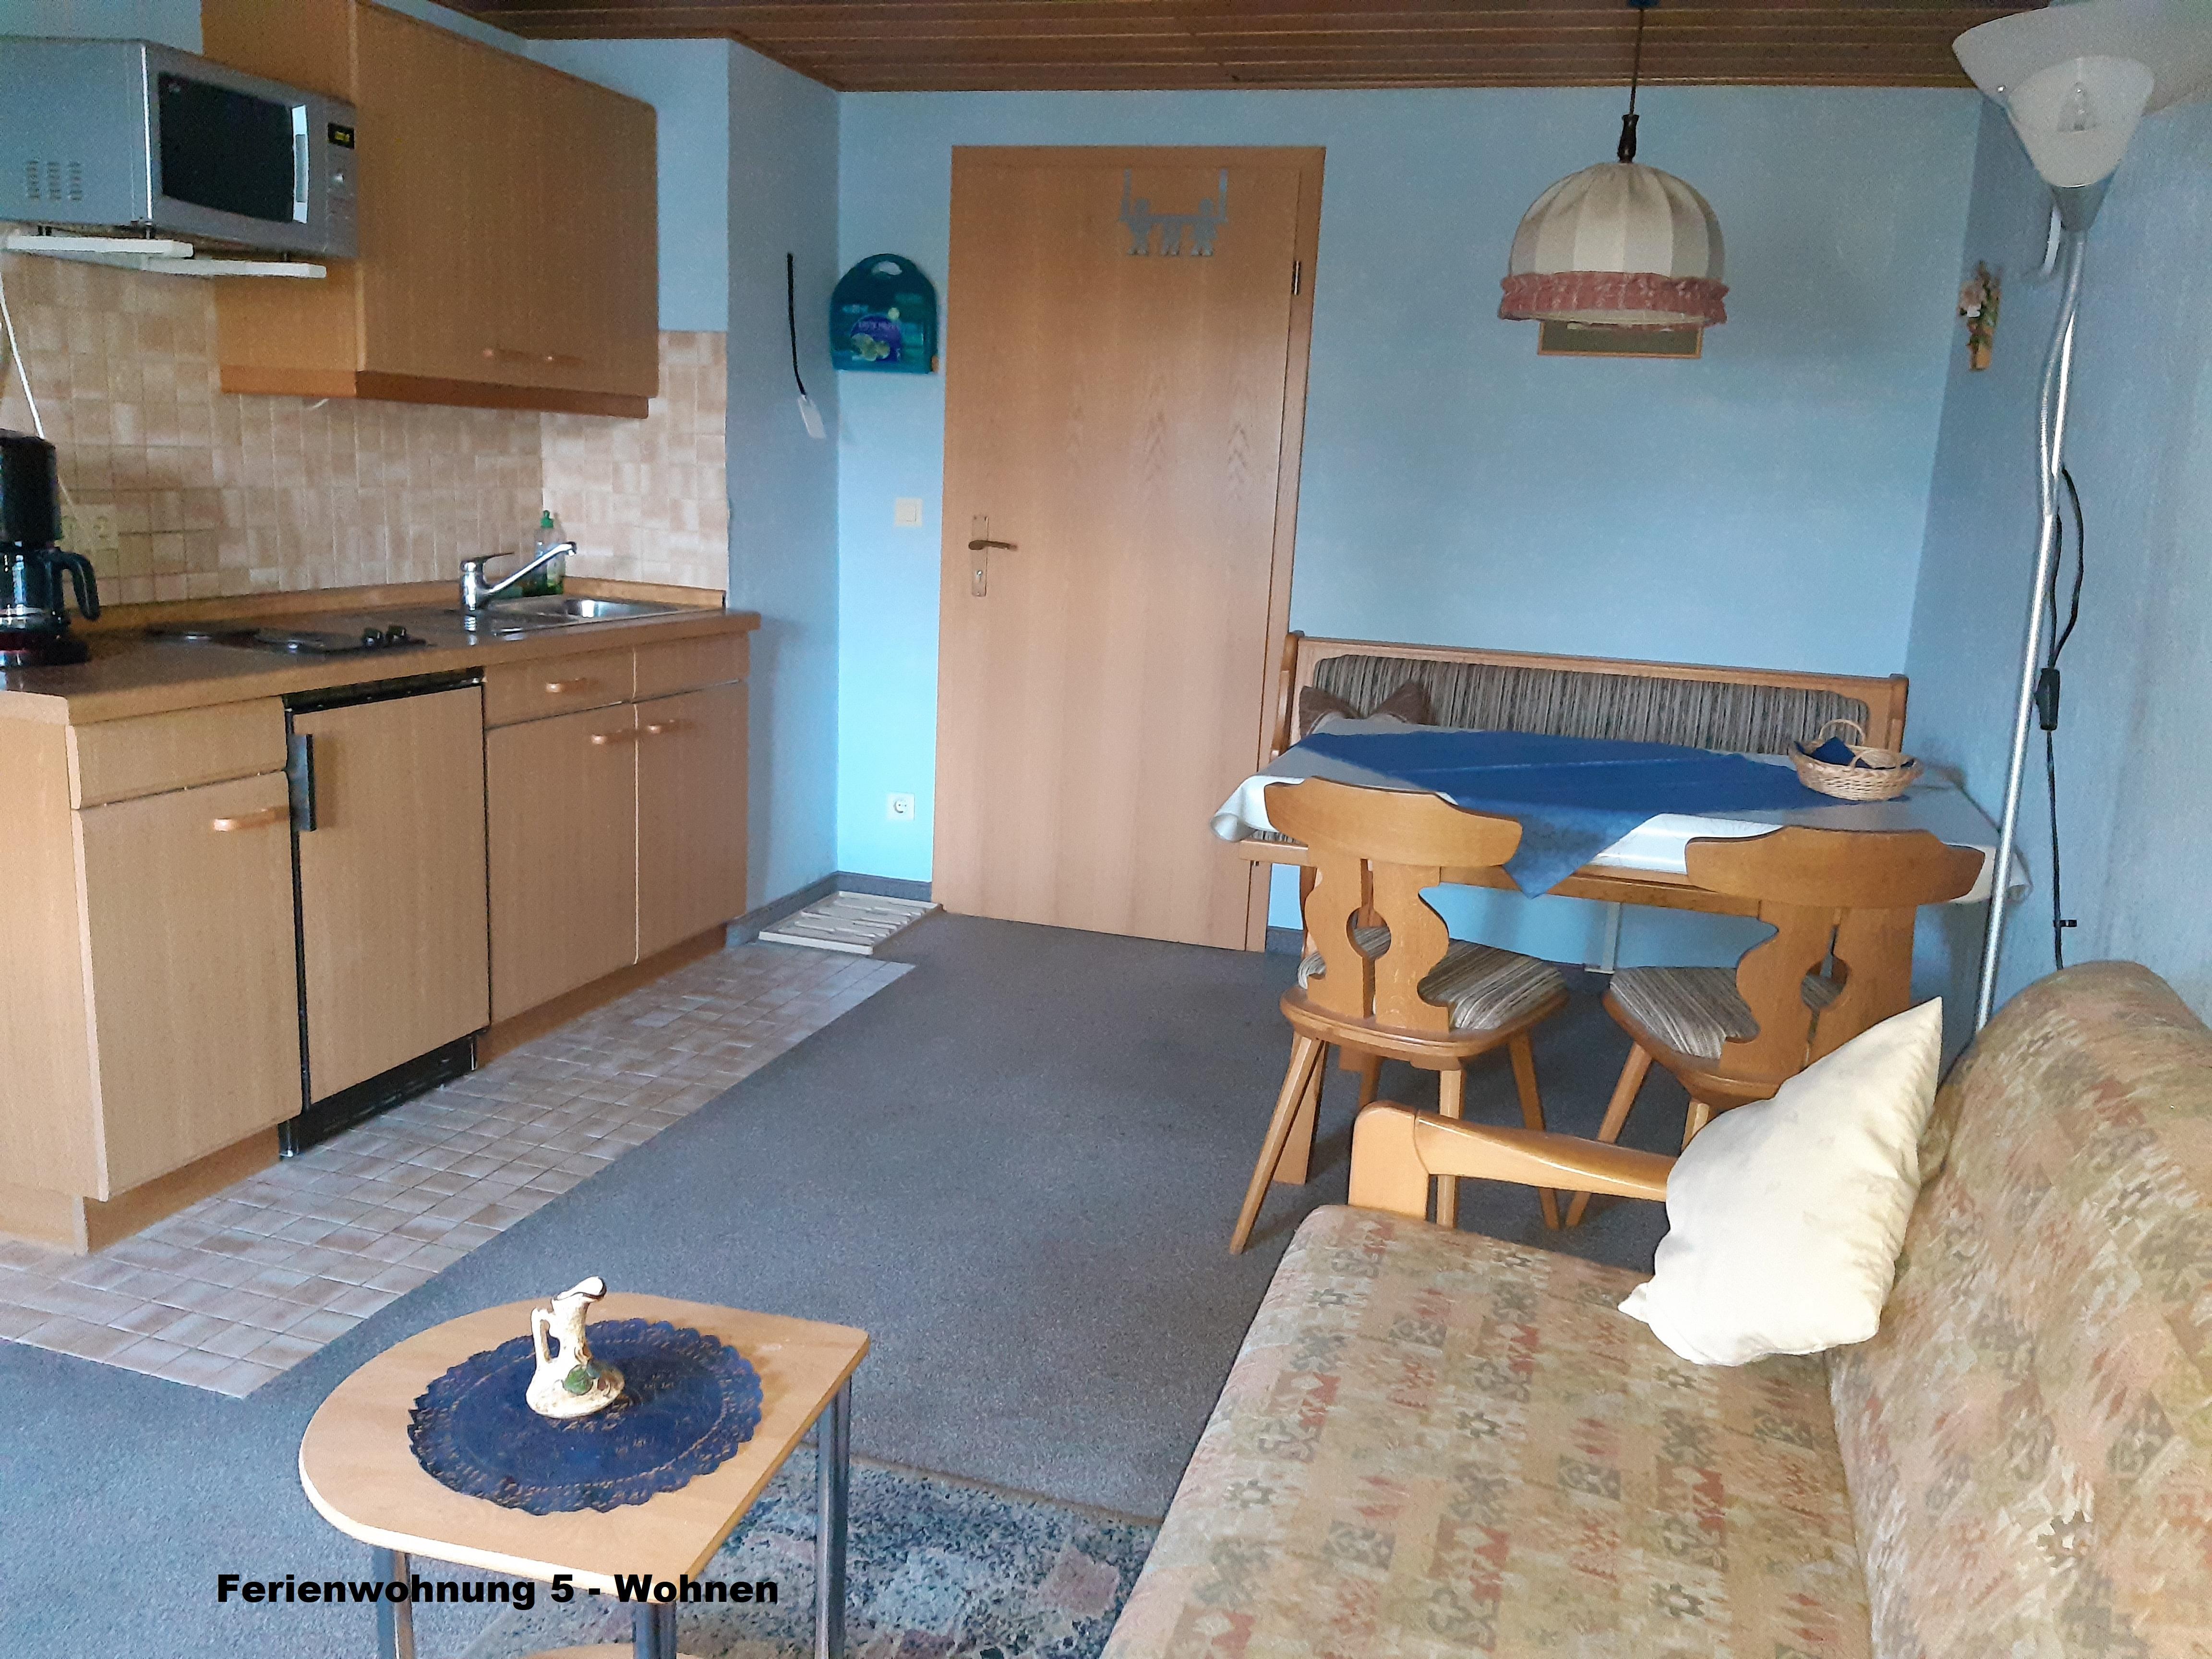 Gästehaus Fink, Ferienwohnung 5, Wohnküche